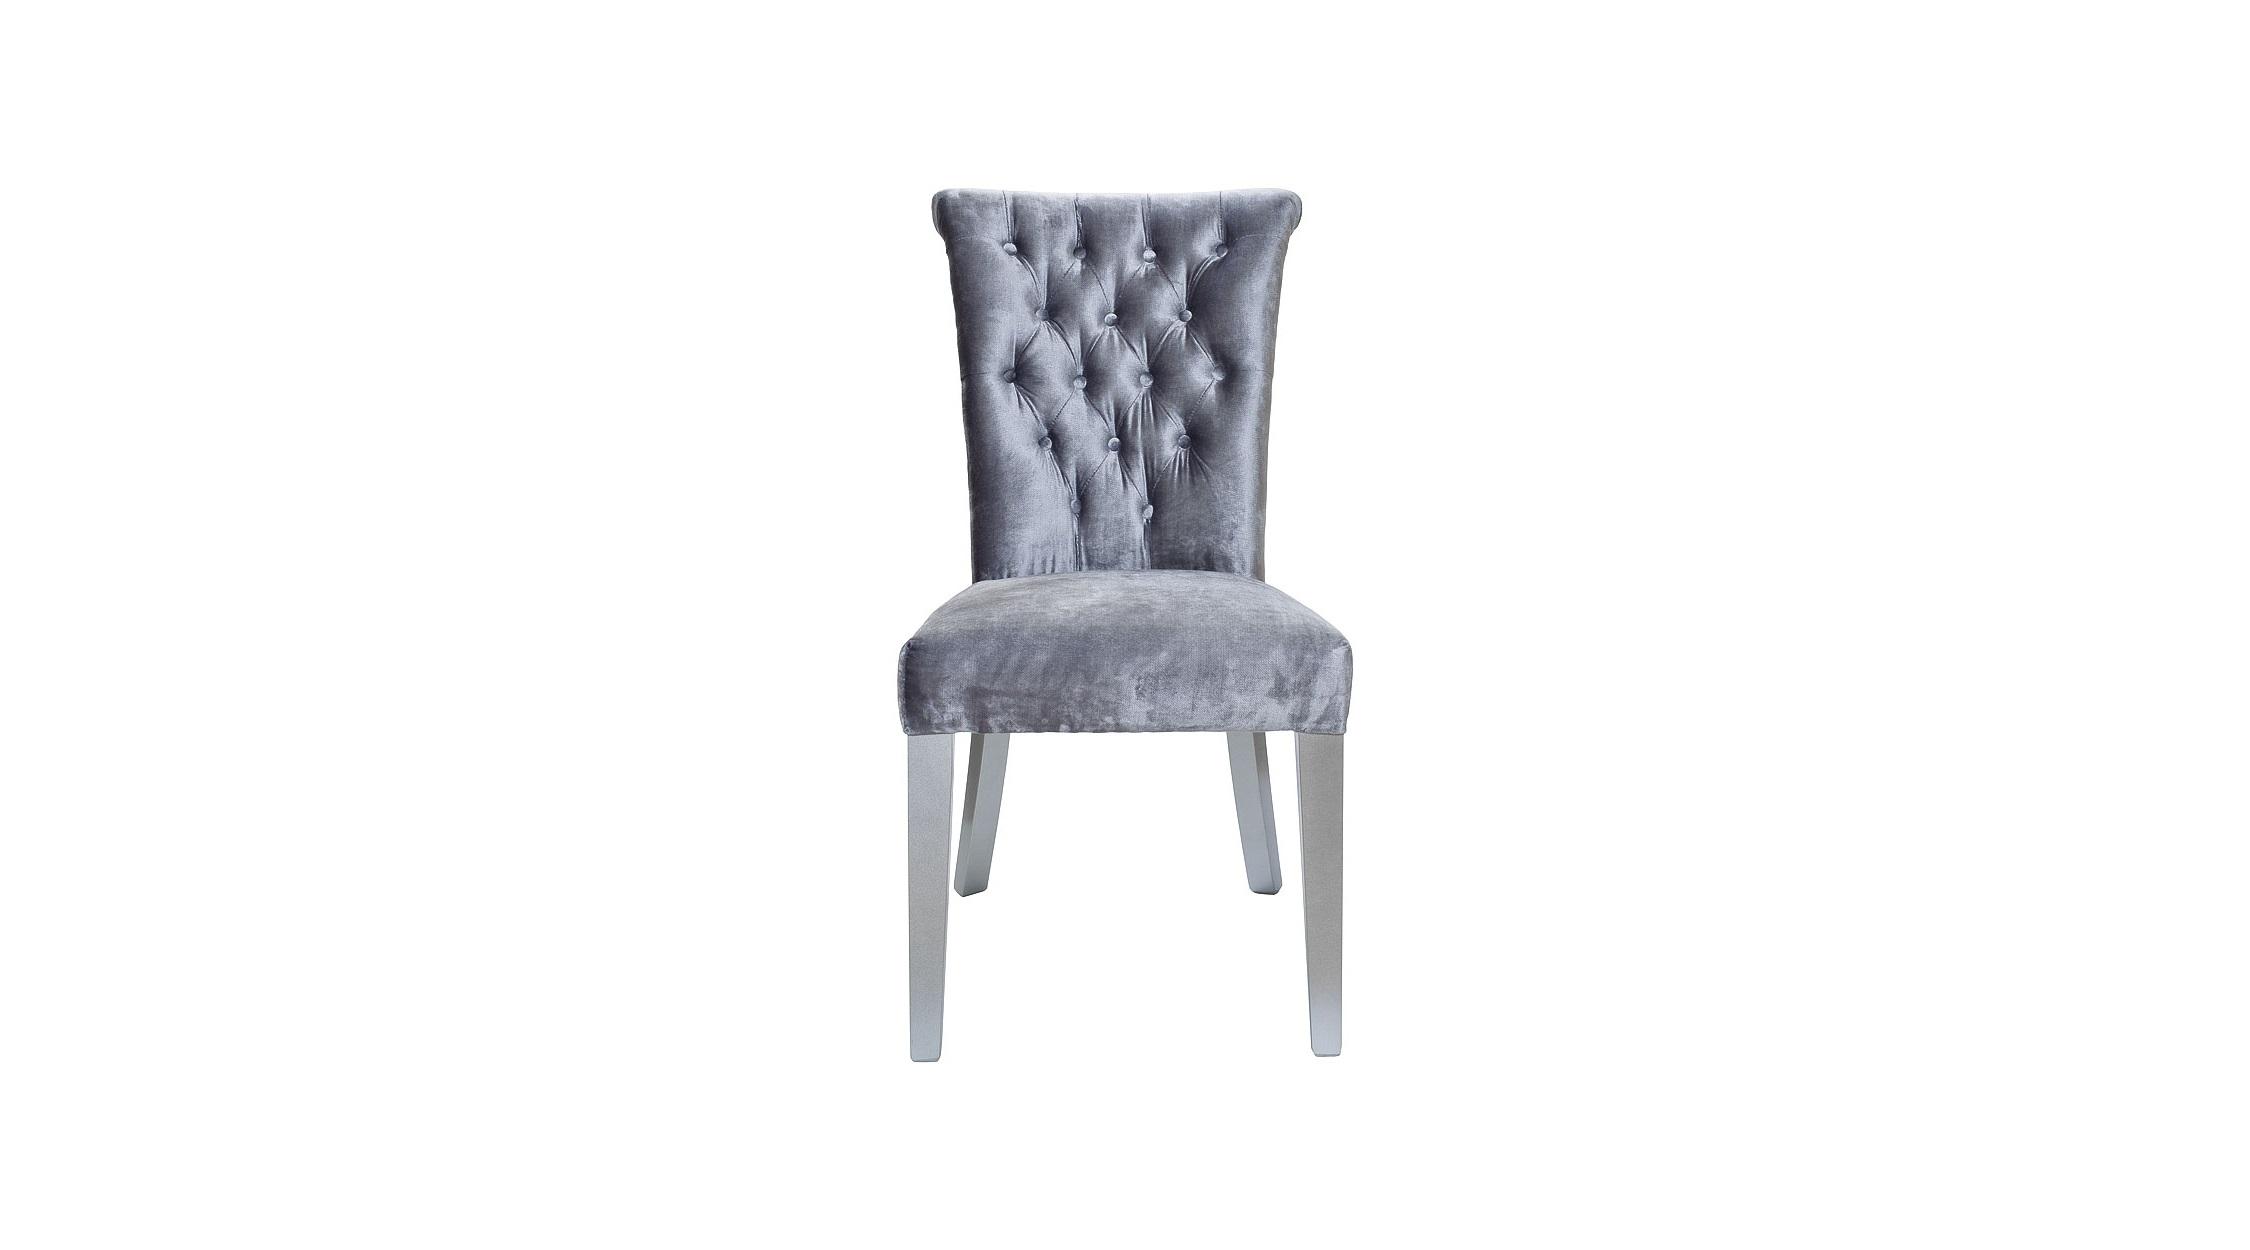 Стул с кольцомОбеденные стулья<br>Такой стул позволит превратить столовую в самую элегантную комнату дома. Фактурный серый бархат, завораживающий своими мягкими &amp;quot;прикосновениями&amp;quot;, дарит классическому силуэту подлинную роскошь. Стяжка капитоне лишь усиливает очарование стиля американской буржуазности. Оригинальное кольцо на спинке придает изюминку традиционному дизайну, добавляя ему винтажный шарм.&amp;lt;div&amp;gt;&amp;lt;br&amp;gt;&amp;lt;/div&amp;gt;&amp;lt;div&amp;gt;Материалы: бархат фактурный серый, деревянные ножки серого цвета.&amp;lt;/div&amp;gt;<br><br>Material: Бархат<br>Ширина см: 57<br>Высота см: 98<br>Глубина см: 52